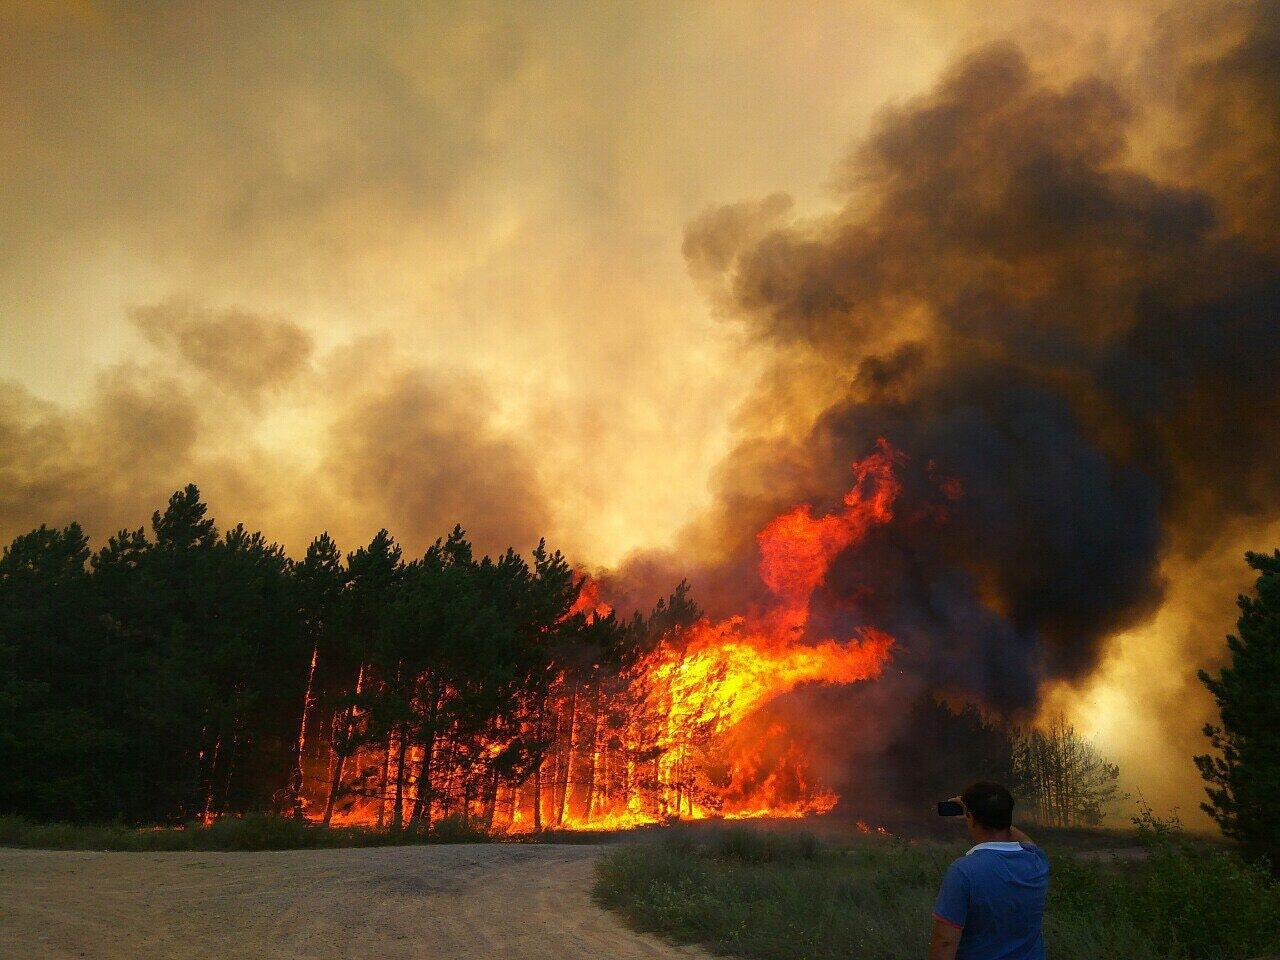 Вигоріло 80 га лісу: стало відомо про жахливу НС у Миколаївській області